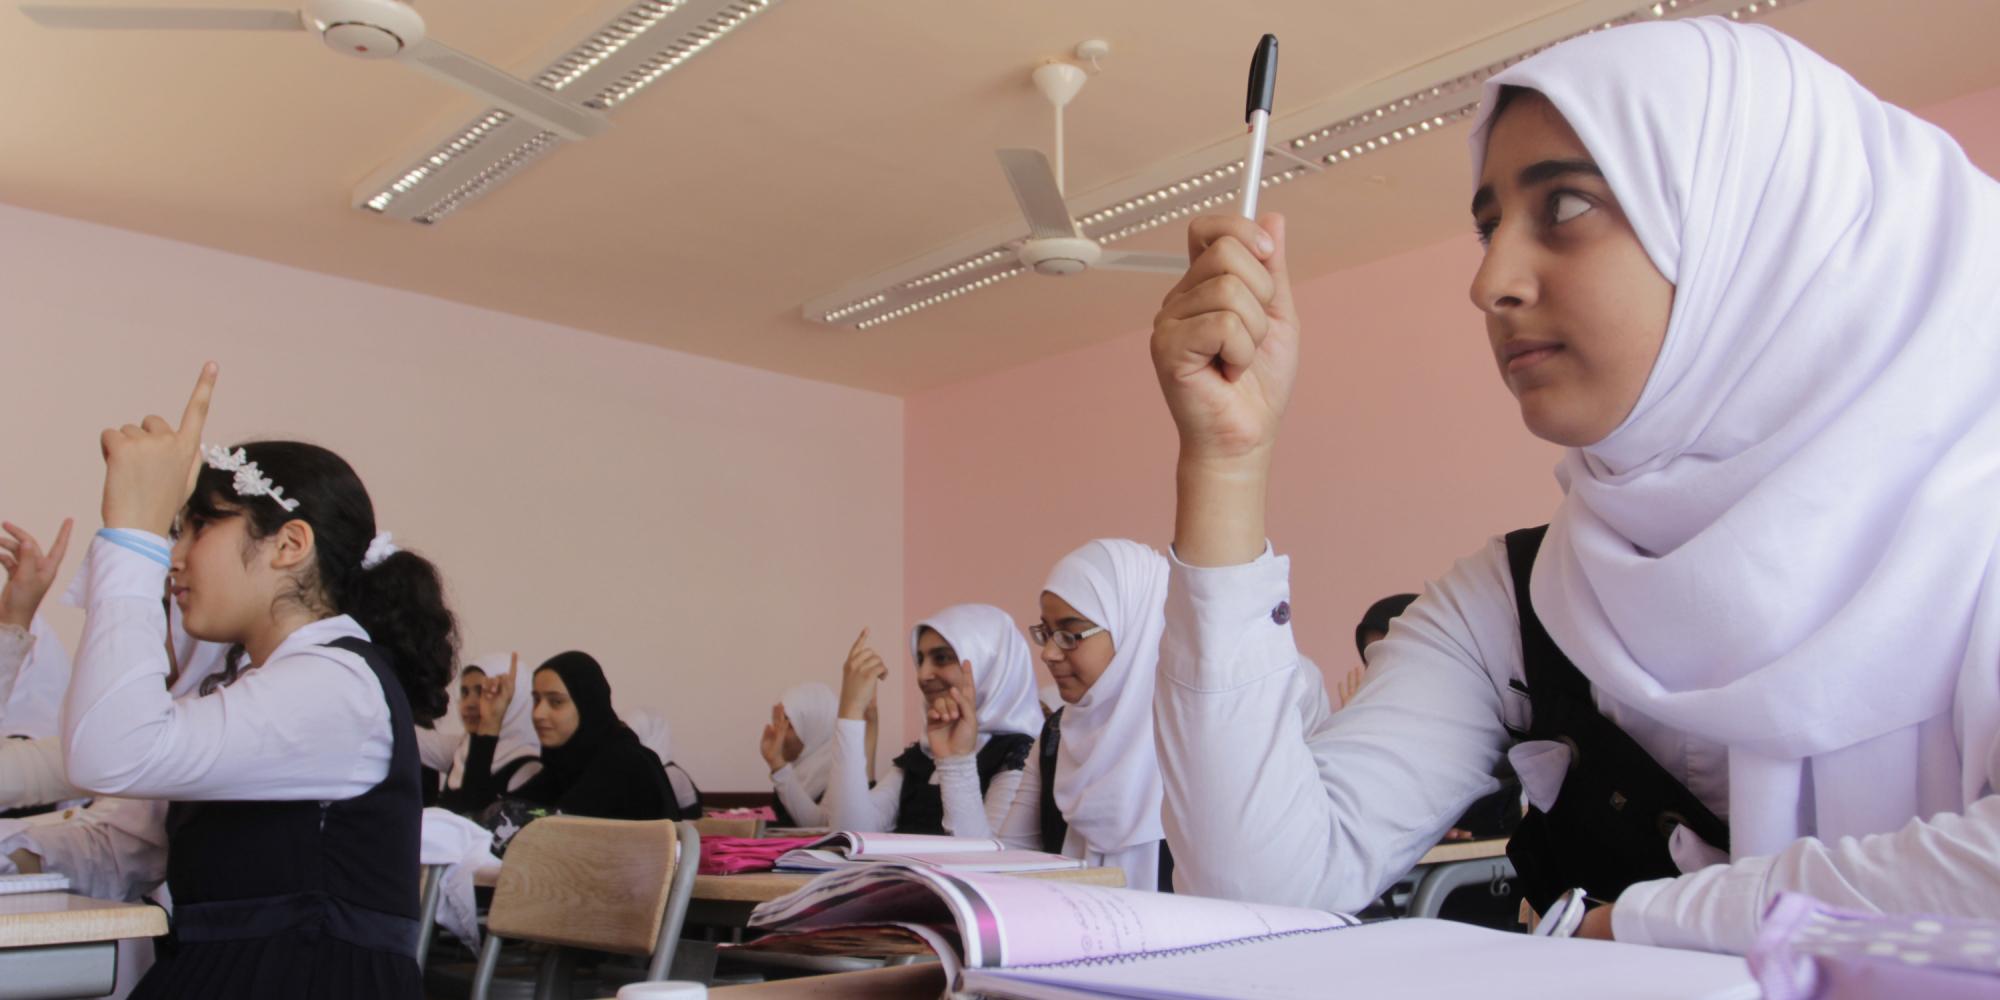 منعاً لتحرُّش السائقين بالطالبات.. الكويت تستقبلُ العام الدراسي بإجراءاتٍ جديدةٍ داخل الحافلات